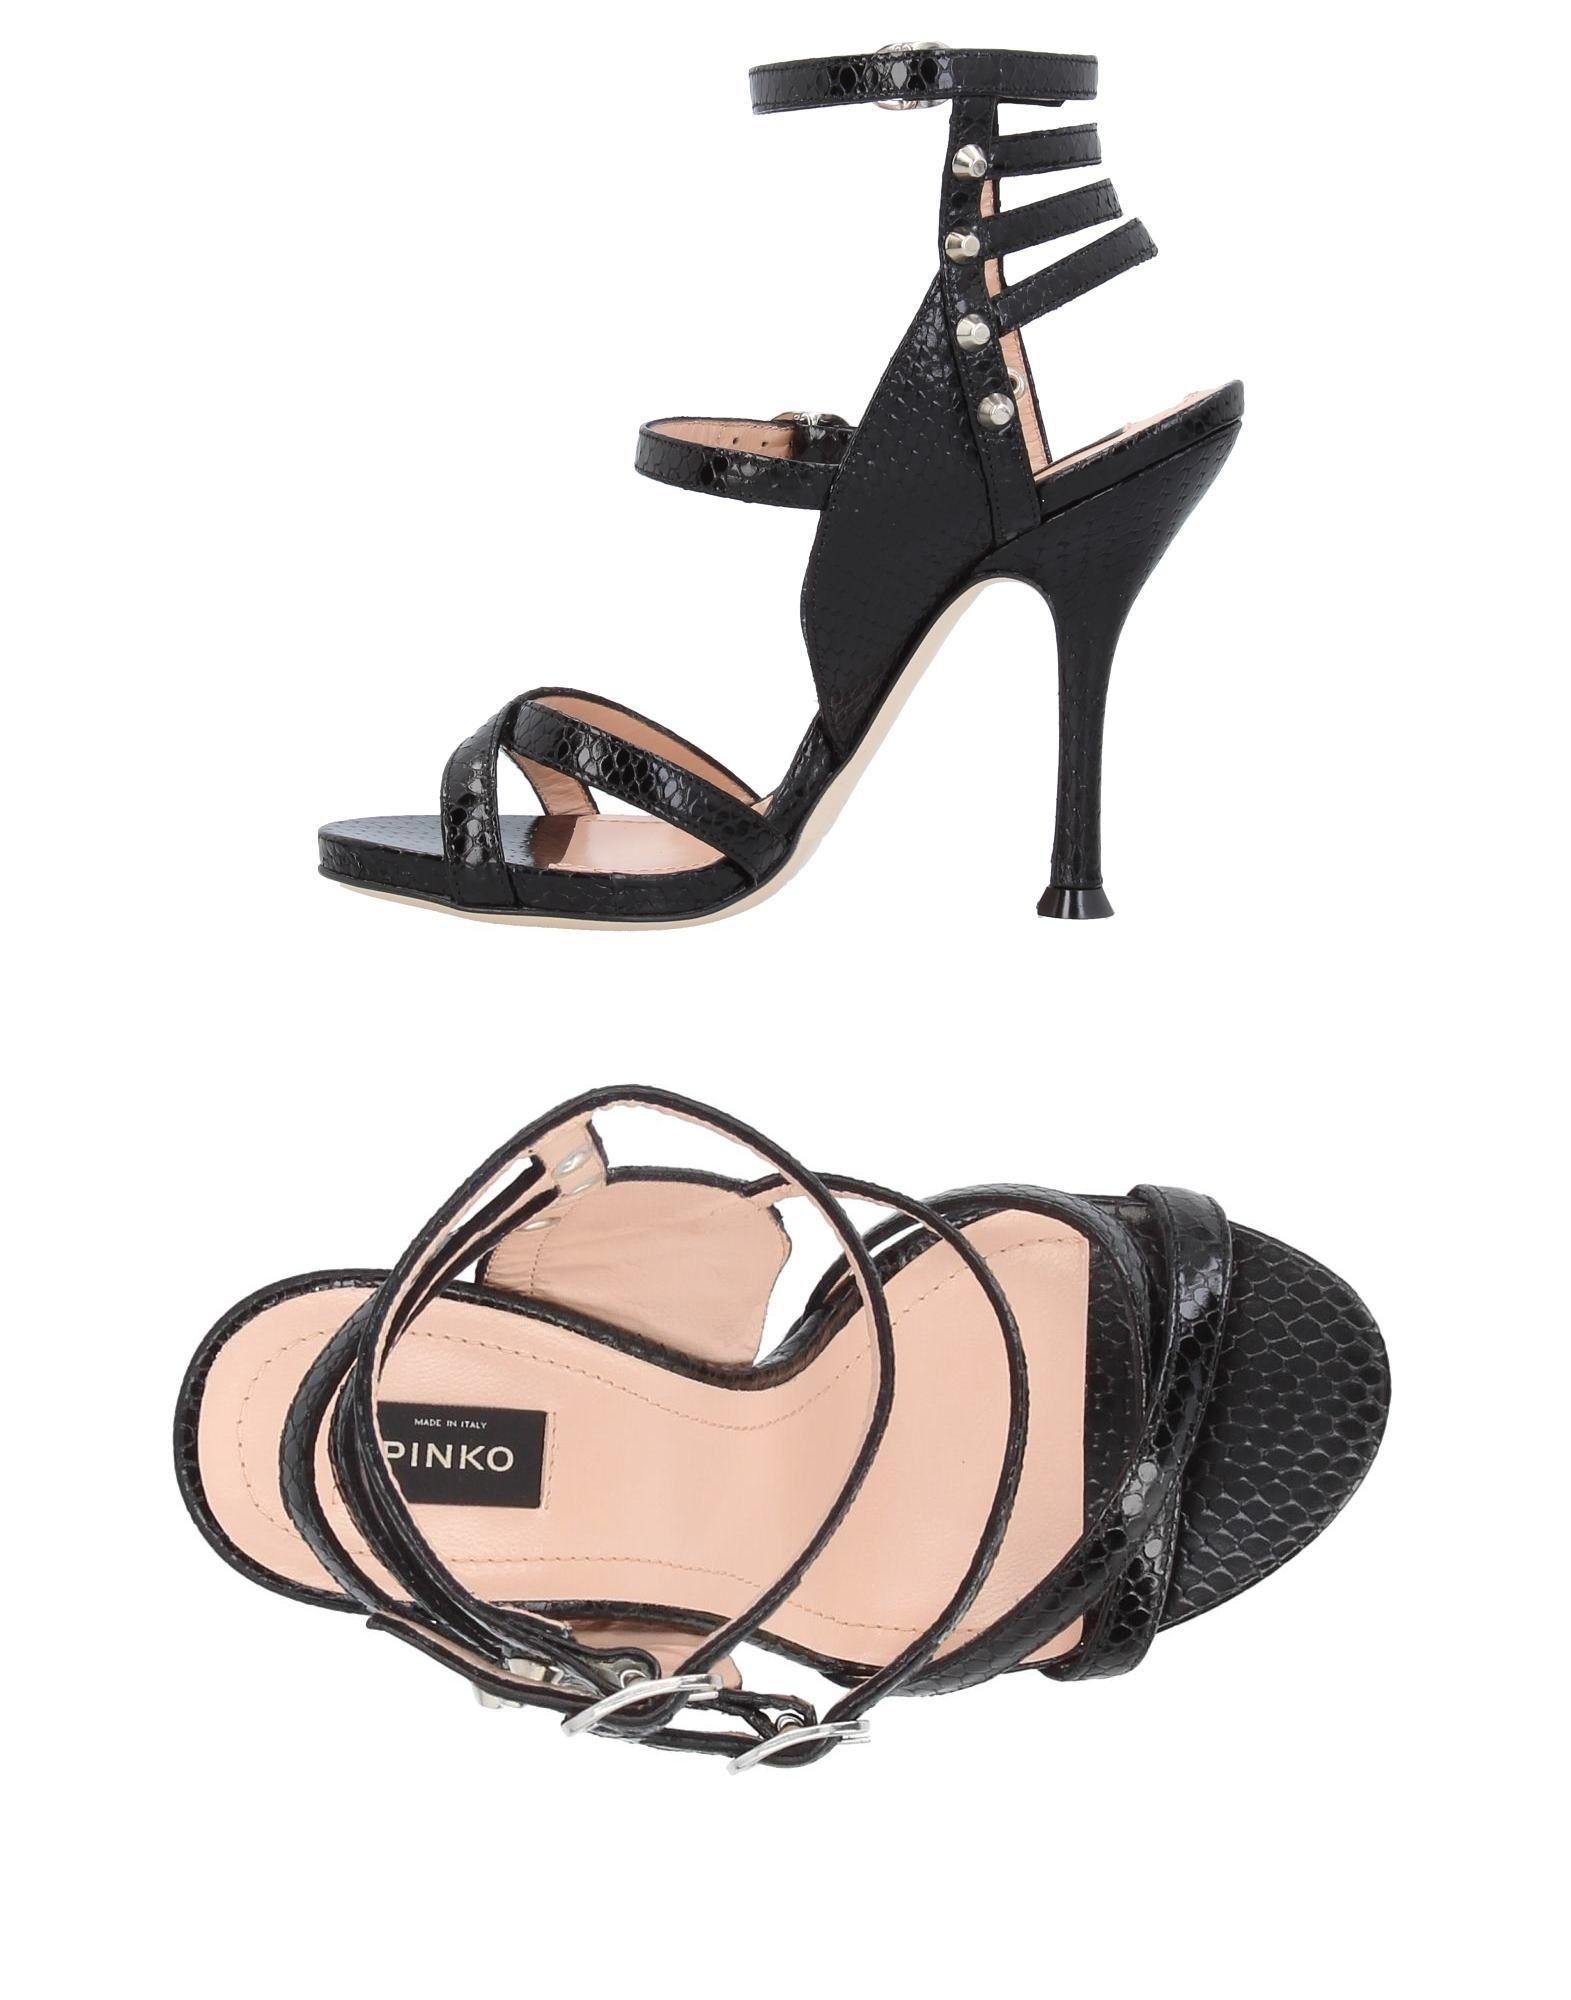 Pinko Gute Sandalen Damen  11395717MM Gute Pinko Qualität beliebte Schuhe a3b5d6